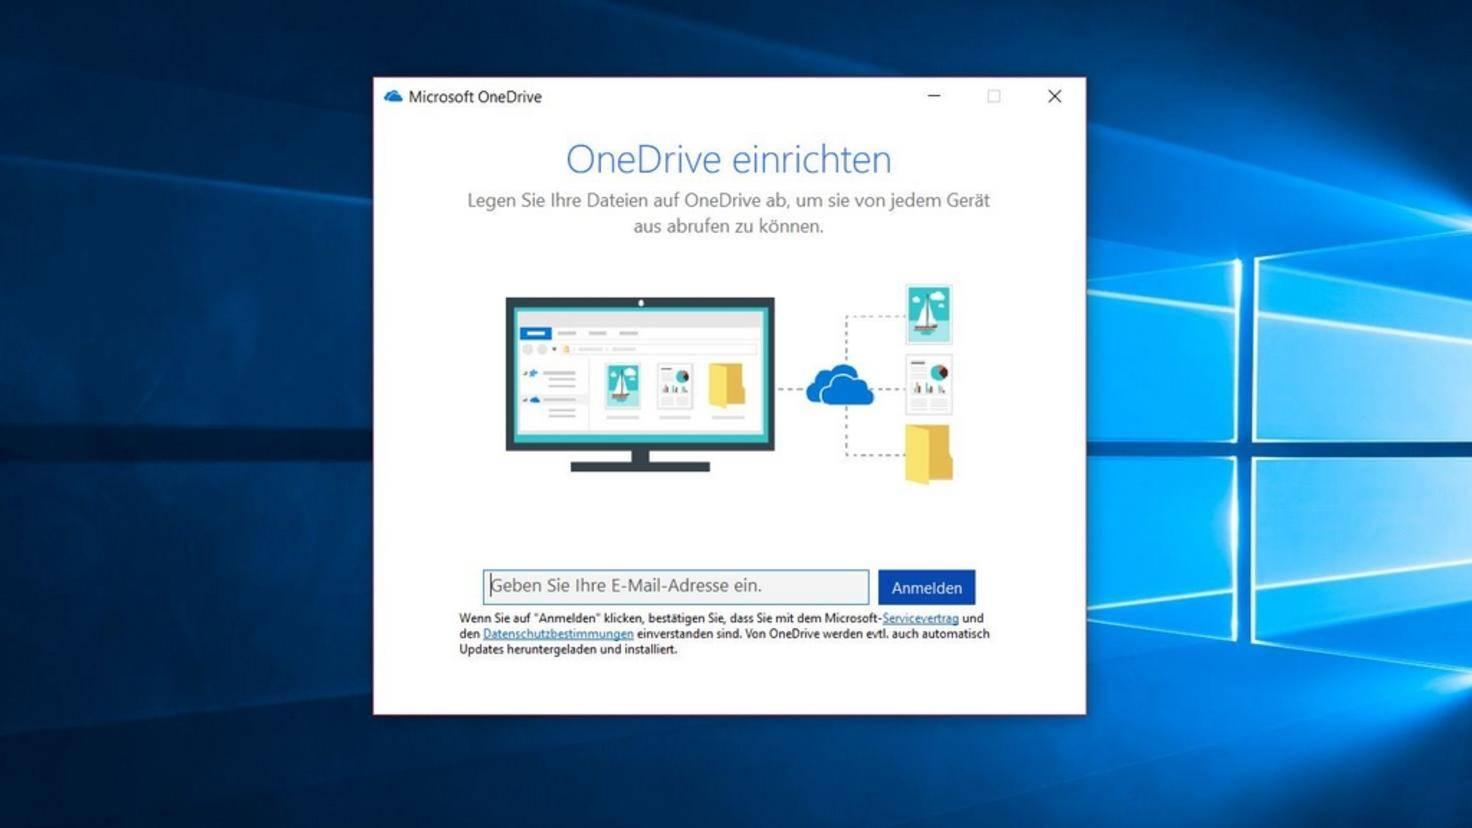 OneDrive-einrichten-Windows-10-01